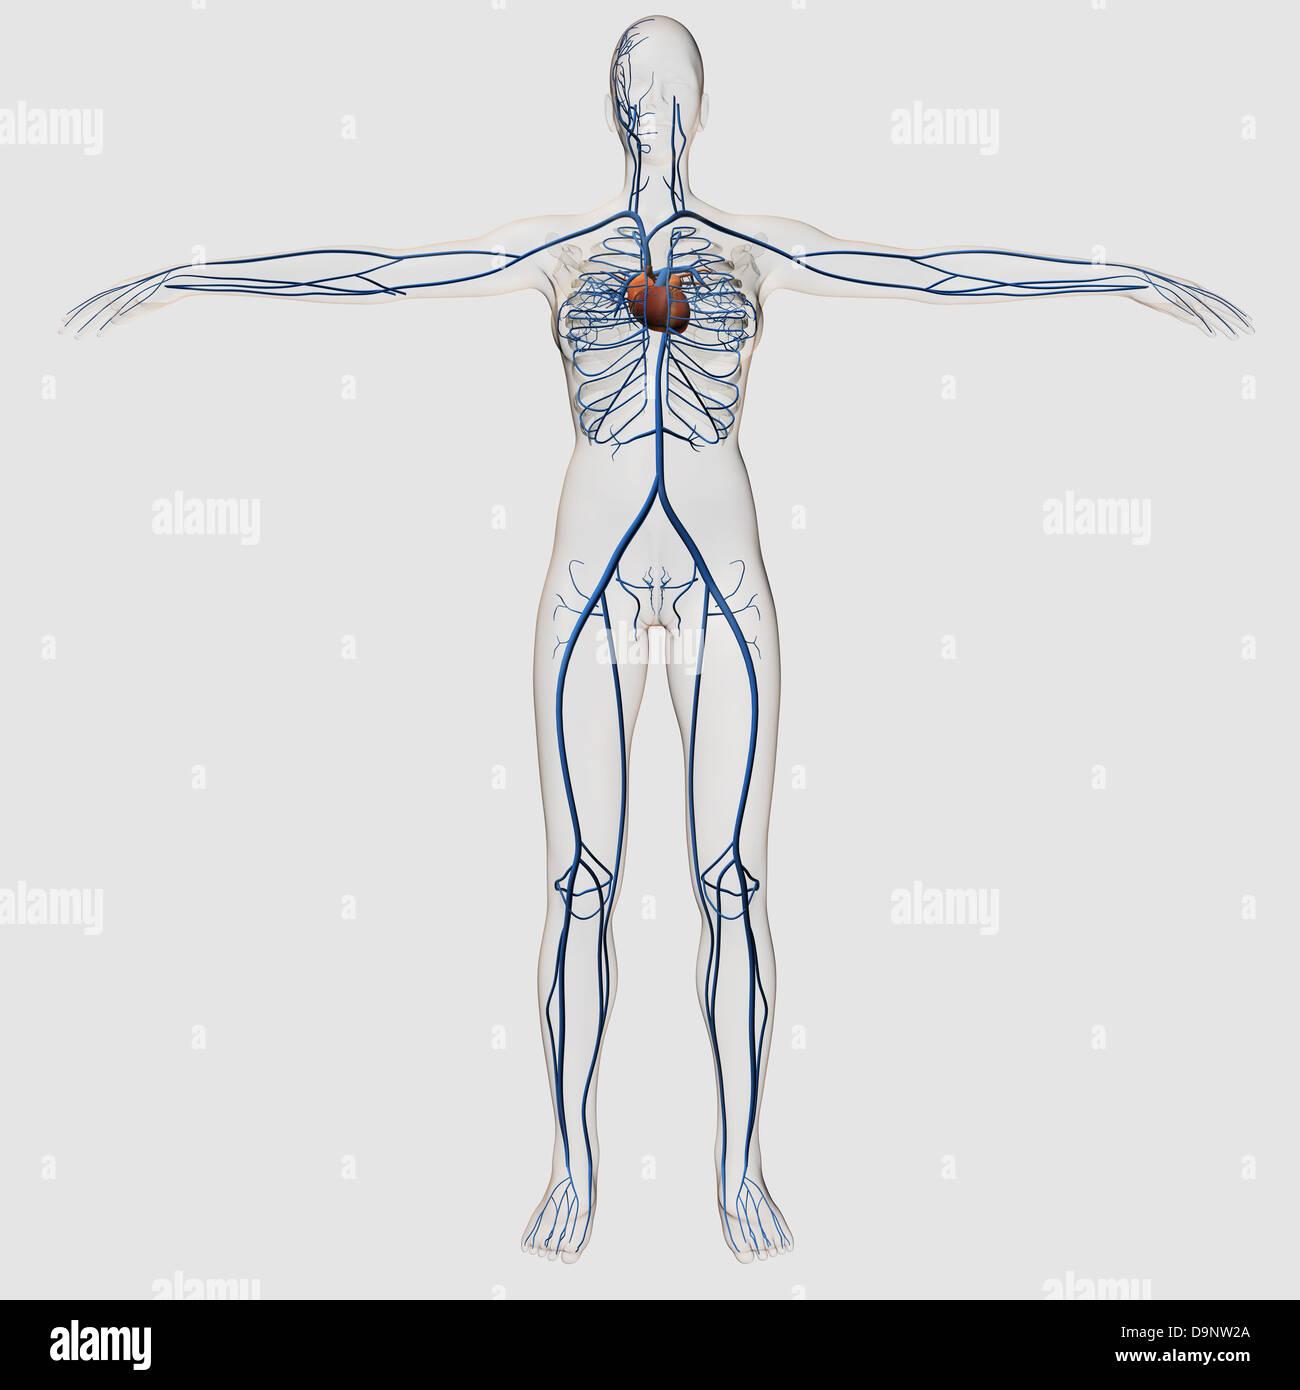 Medizinische Illustration der weibliche Herz-Kreislauf-System mit ...